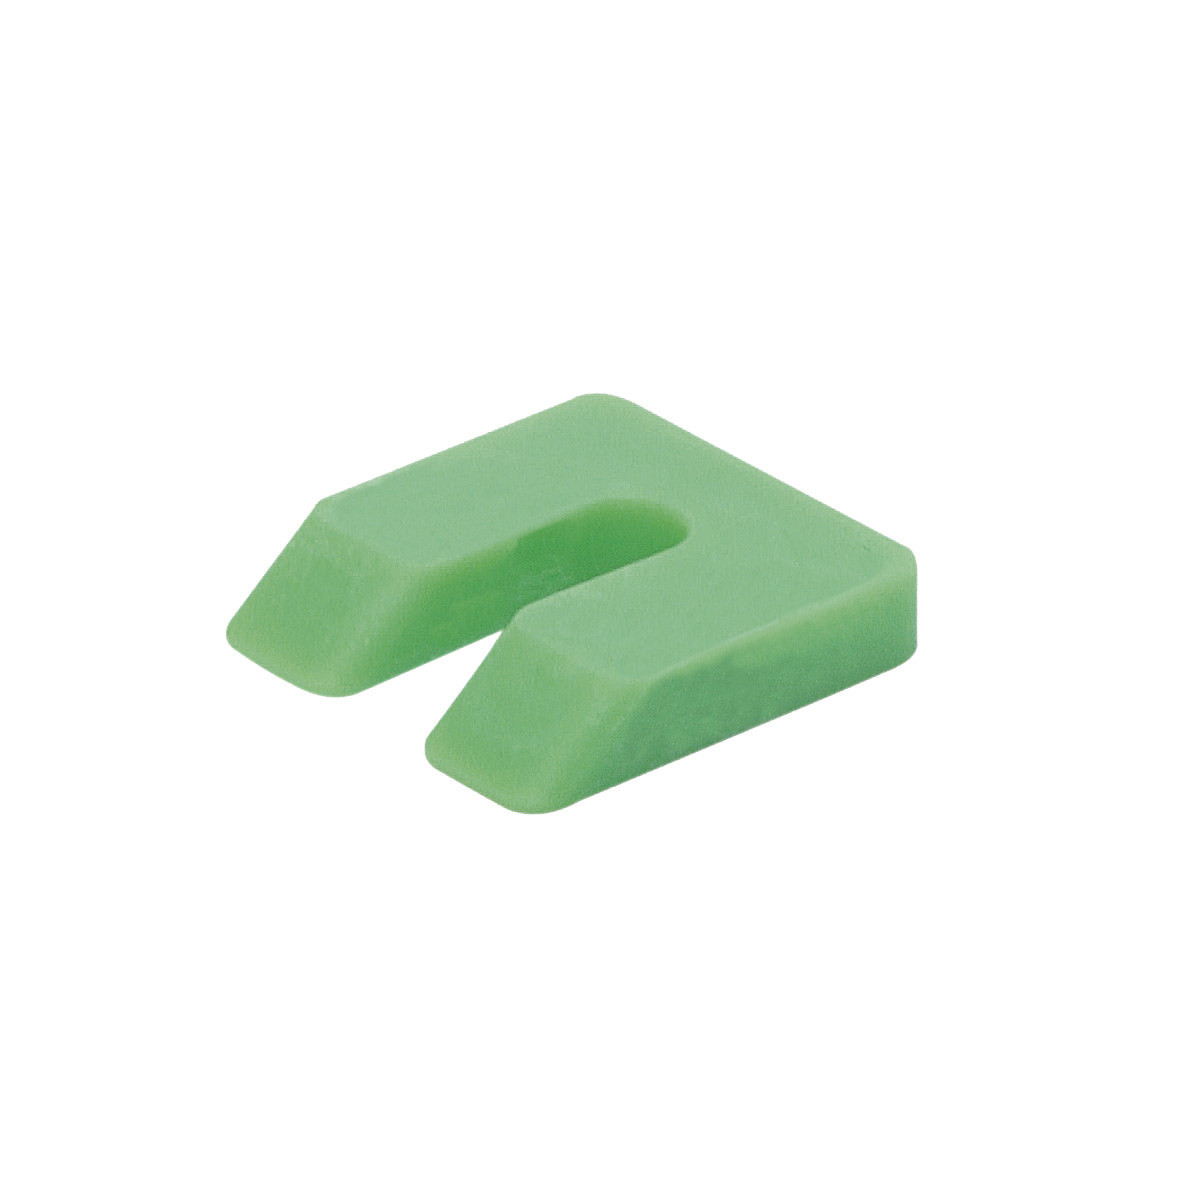 Uitvulplaatje groen 10 50x50 KS